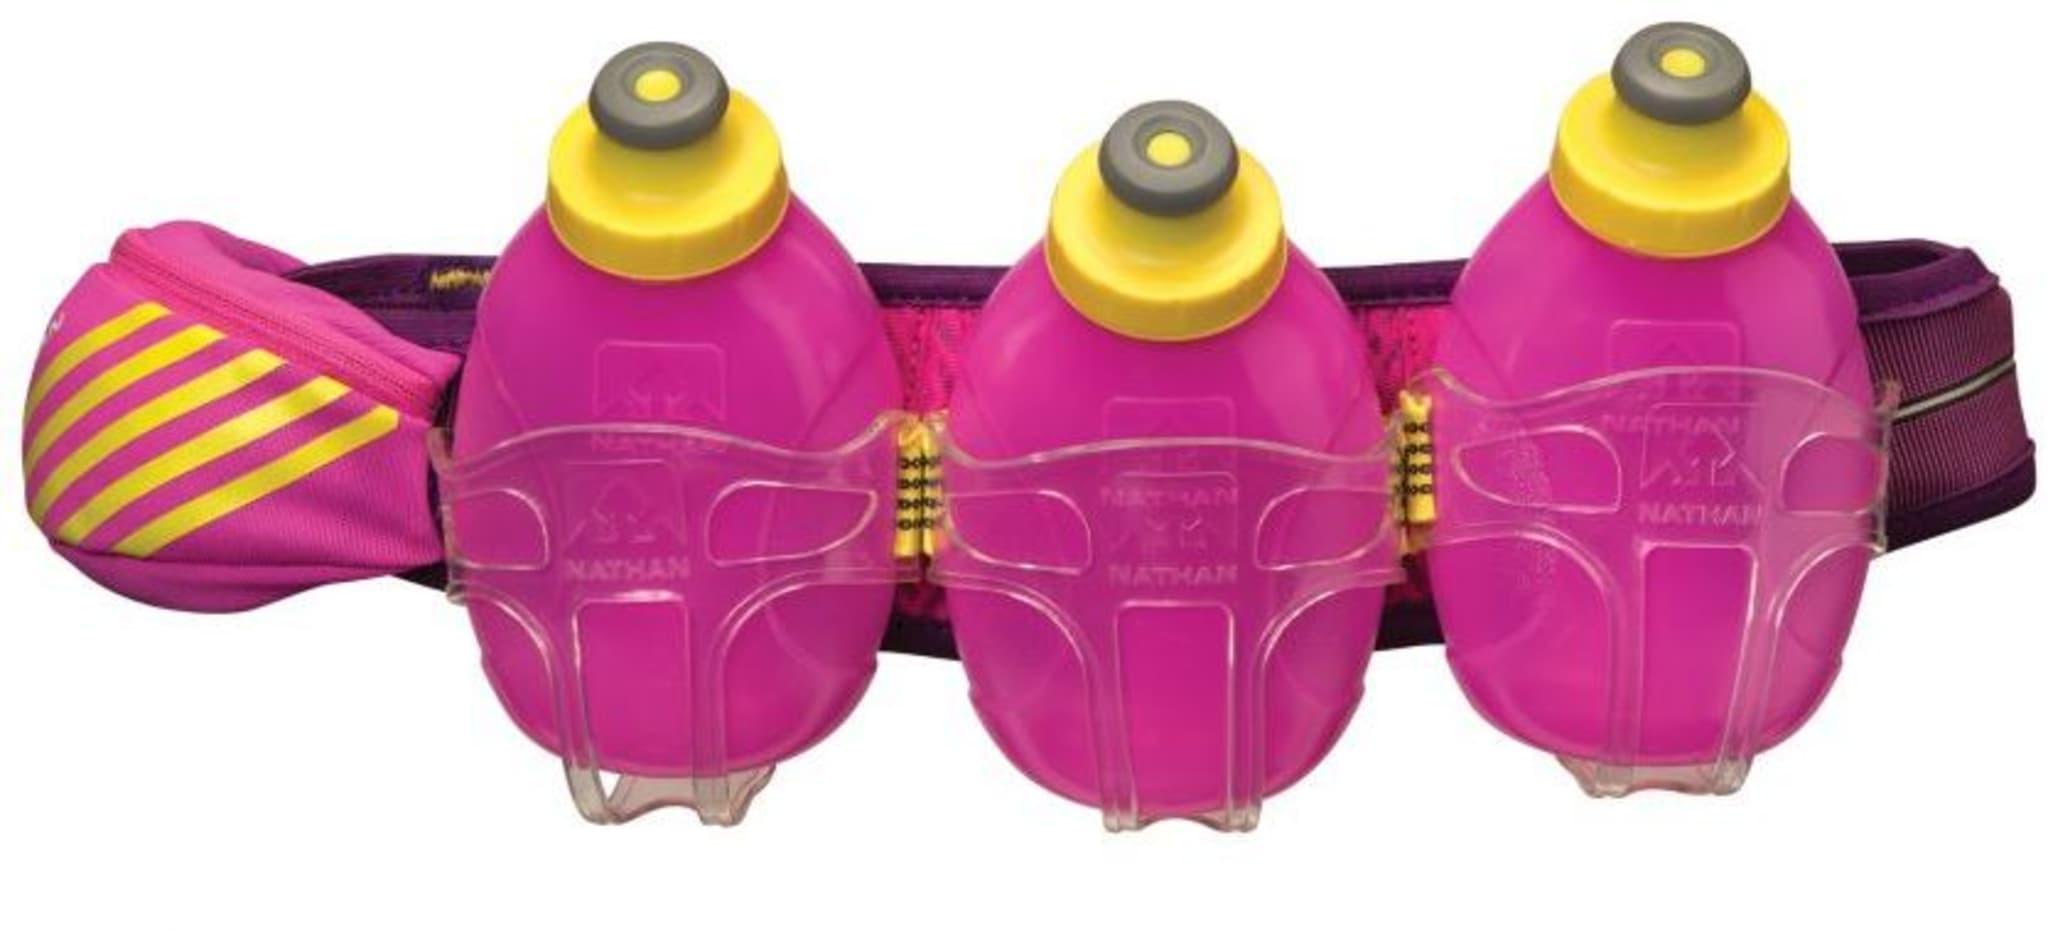 Drikkebelte med tre myke flasker